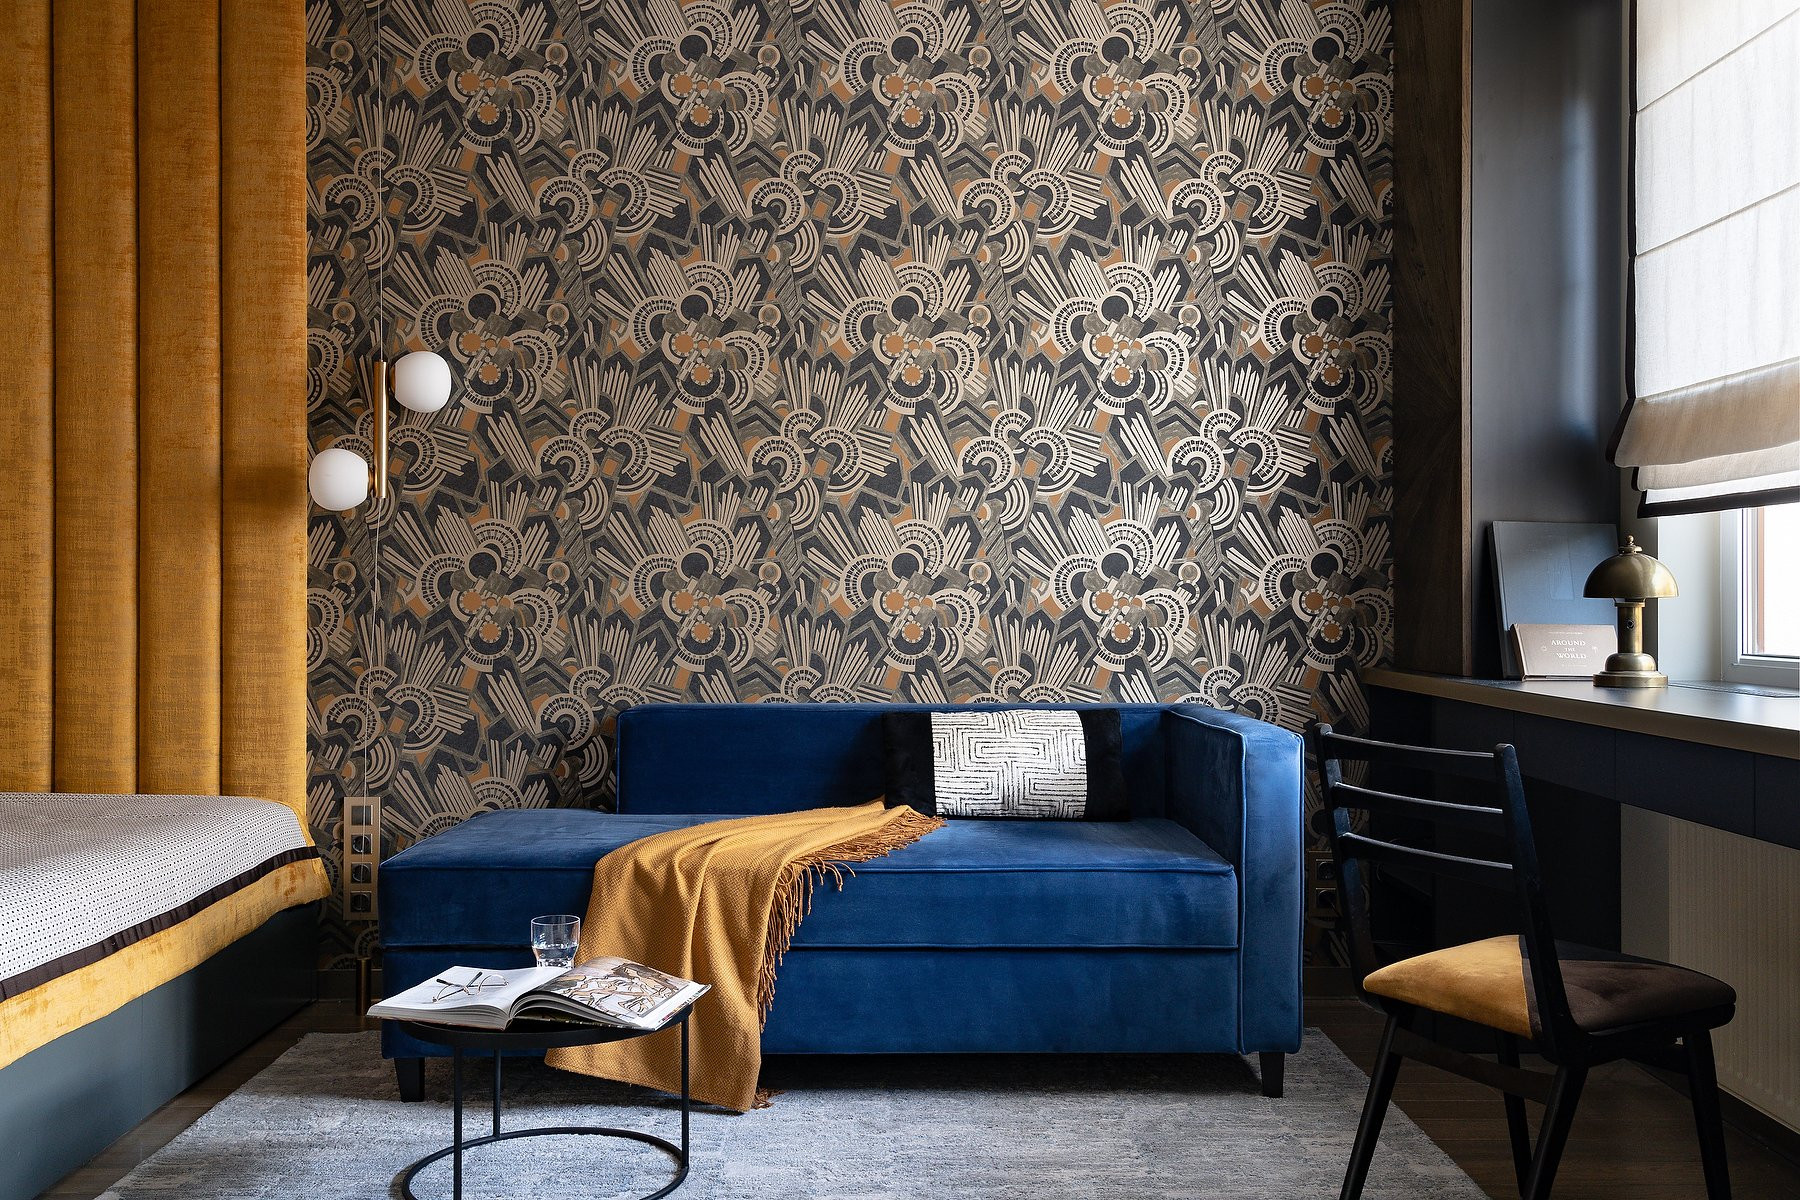 34 кв.м — маленькая квартира для мамы дизайнера идеи для дома,интерьер и дизайн